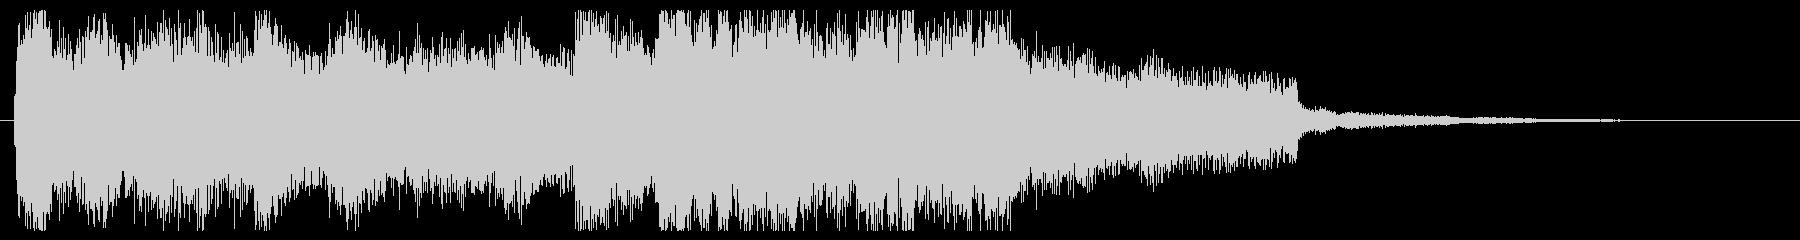 コーナータイトル_EDMファンファーレの未再生の波形